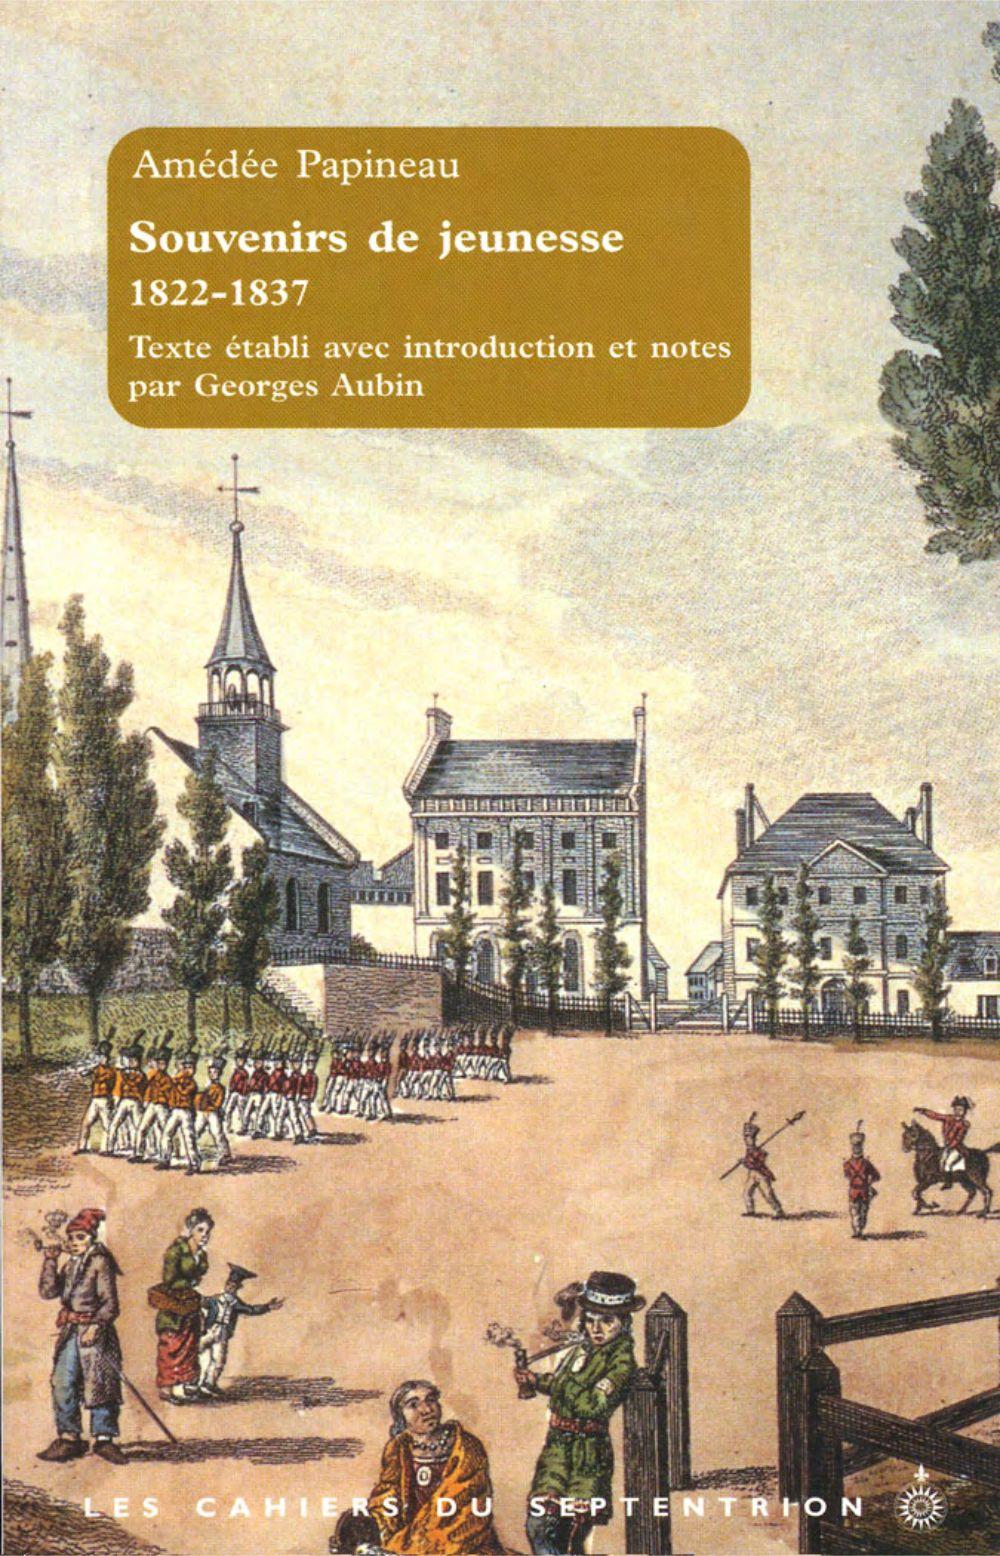 Souvenirs de jeunesse, 1822-1837